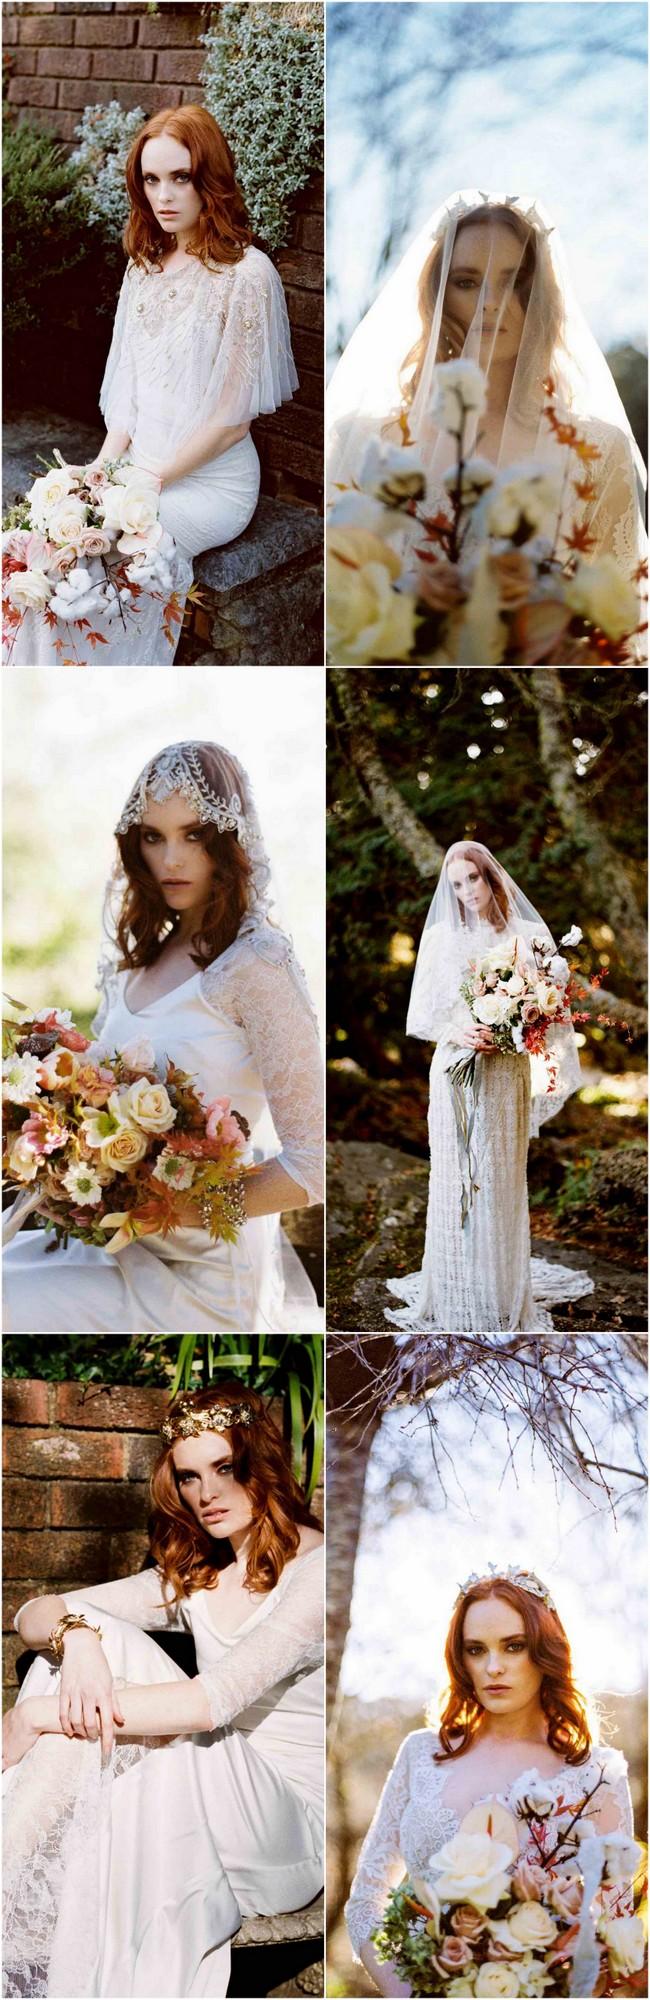 Delicately Divine Autumn Bride Inspiration in the Everglades by Bride La Boheme